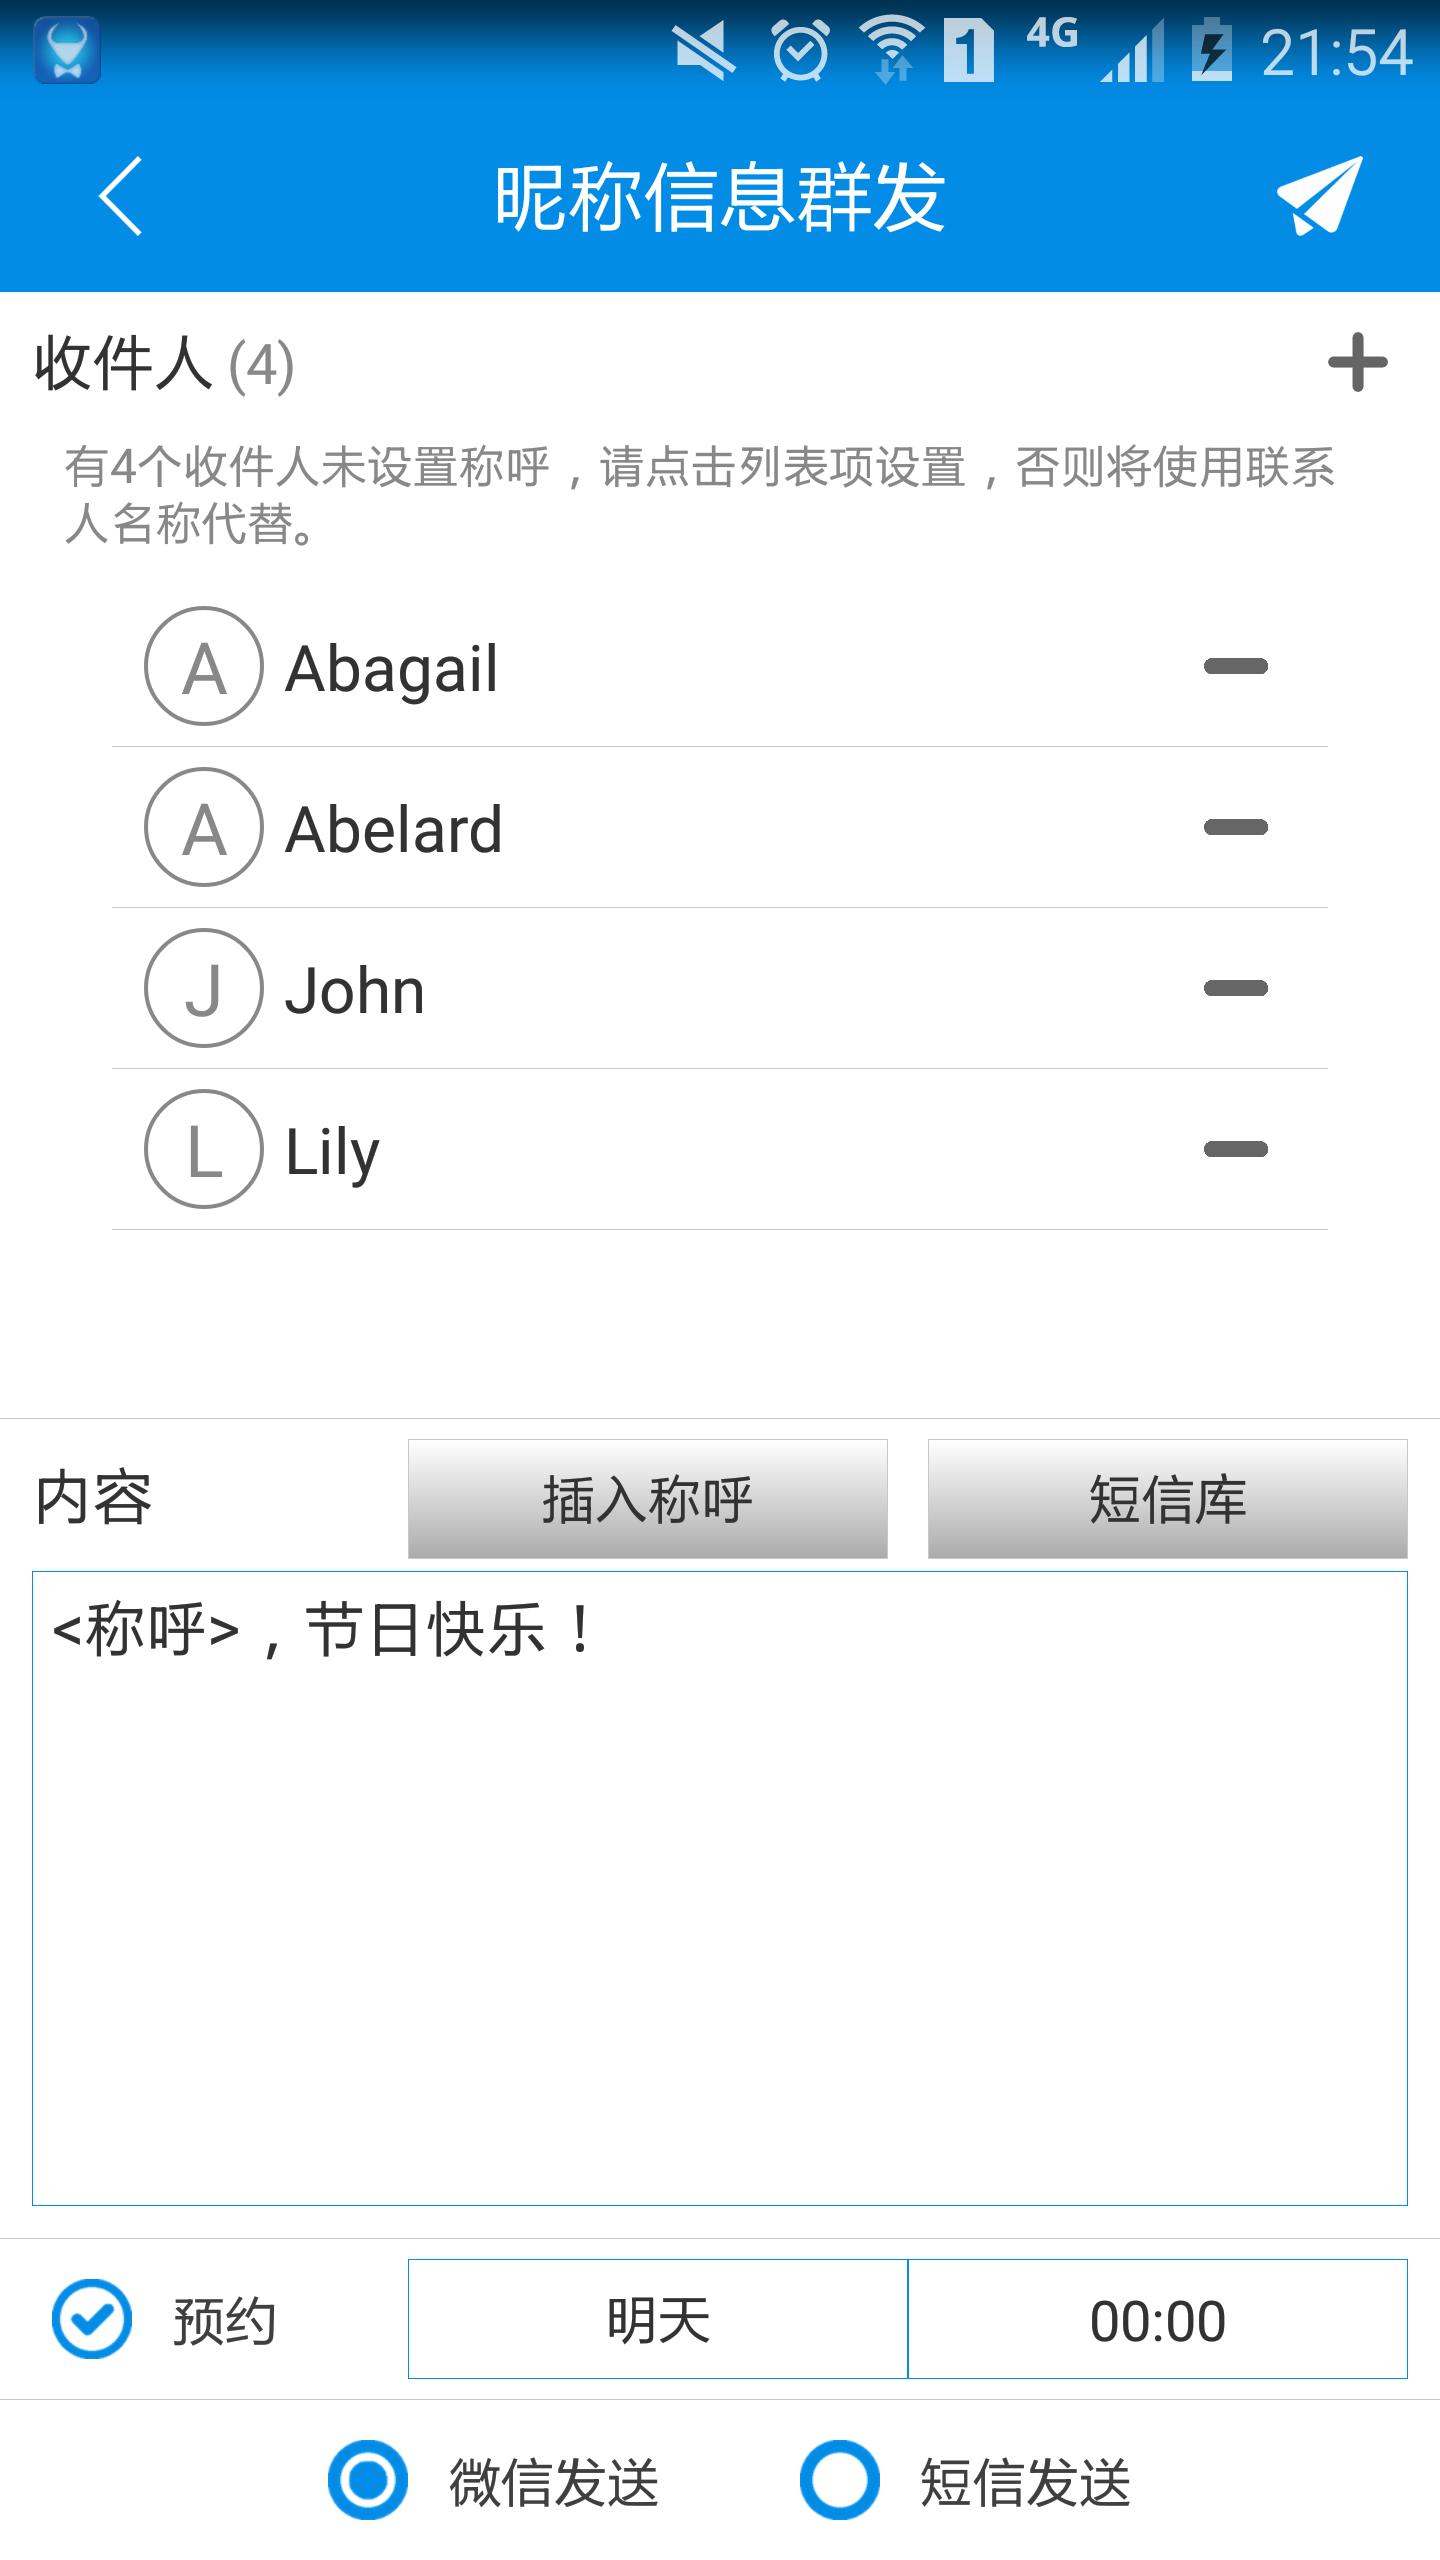 懒牛人脉管家 V5.0.5 安卓版截图2